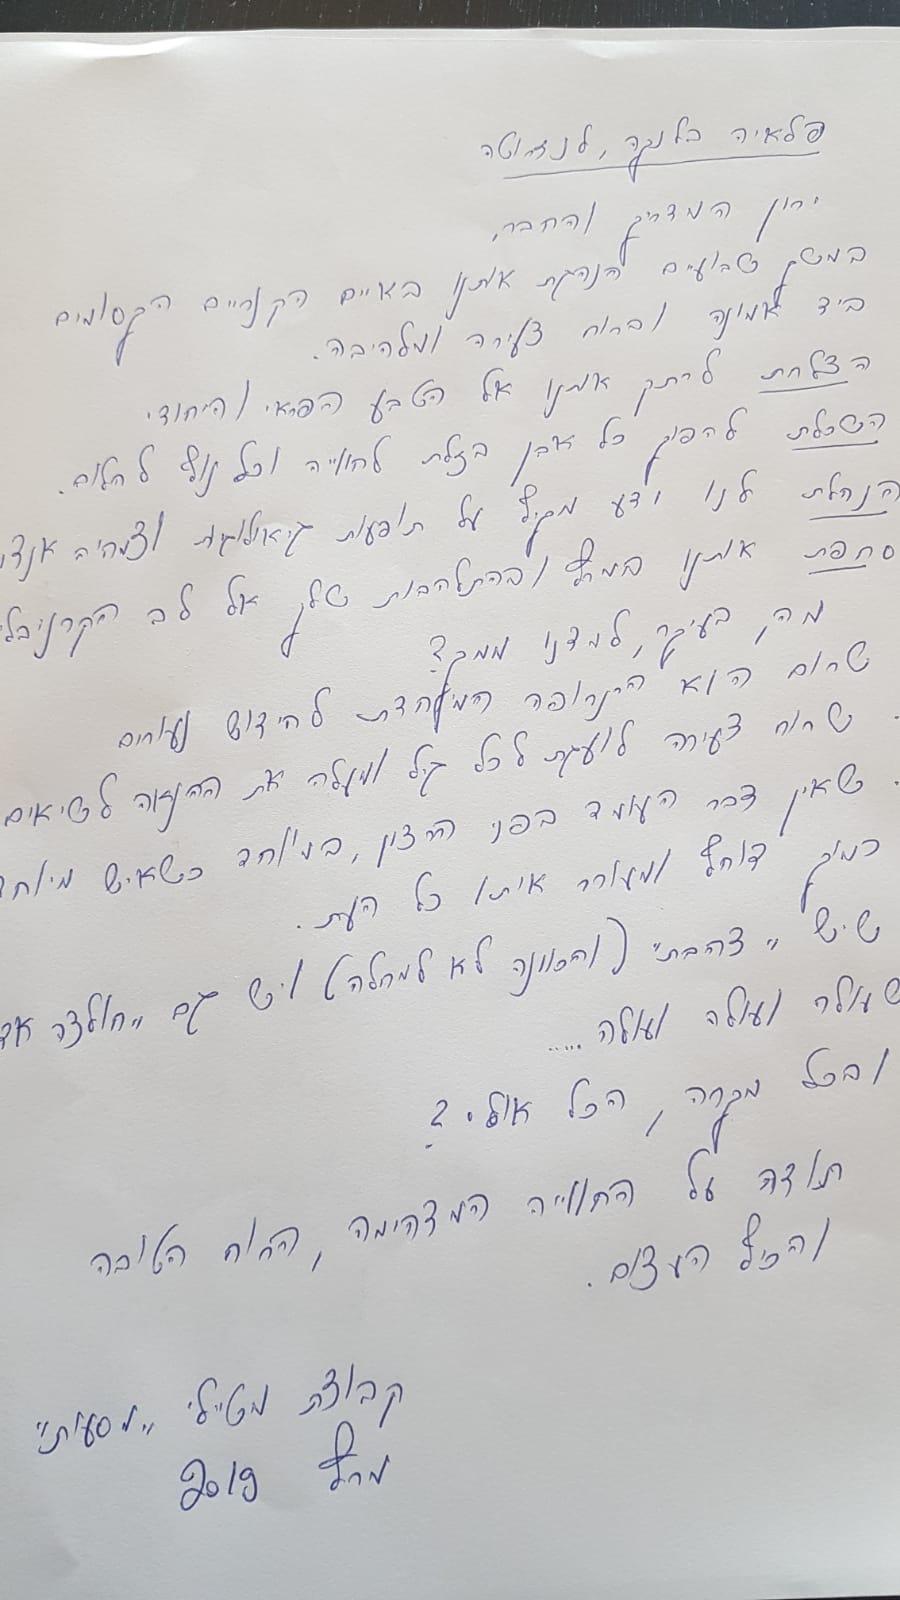 ירון אלקלעי, האיים הקנריים 3.2019